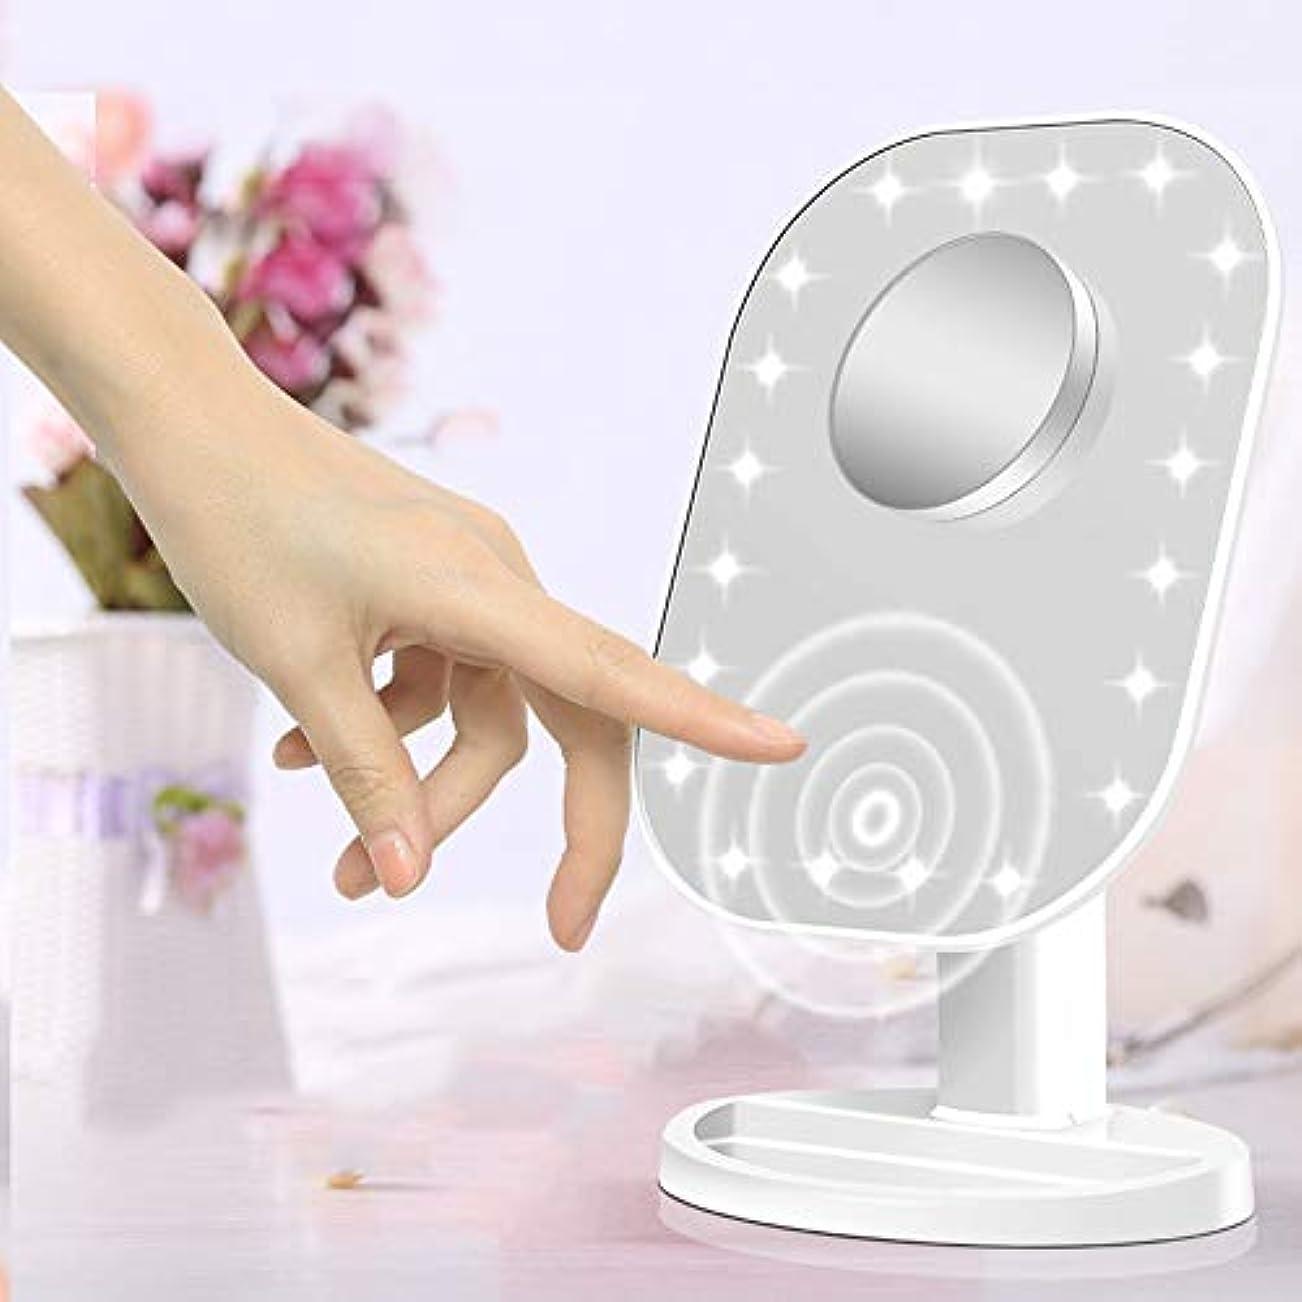 ドレスメジャーキャンプ流行の 新しいデスクトップクリエイティブタッチセンサーled化粧鏡10倍拡大美容化粧鏡フィルライト化粧鏡ピンクホワイト (色 : Pink)